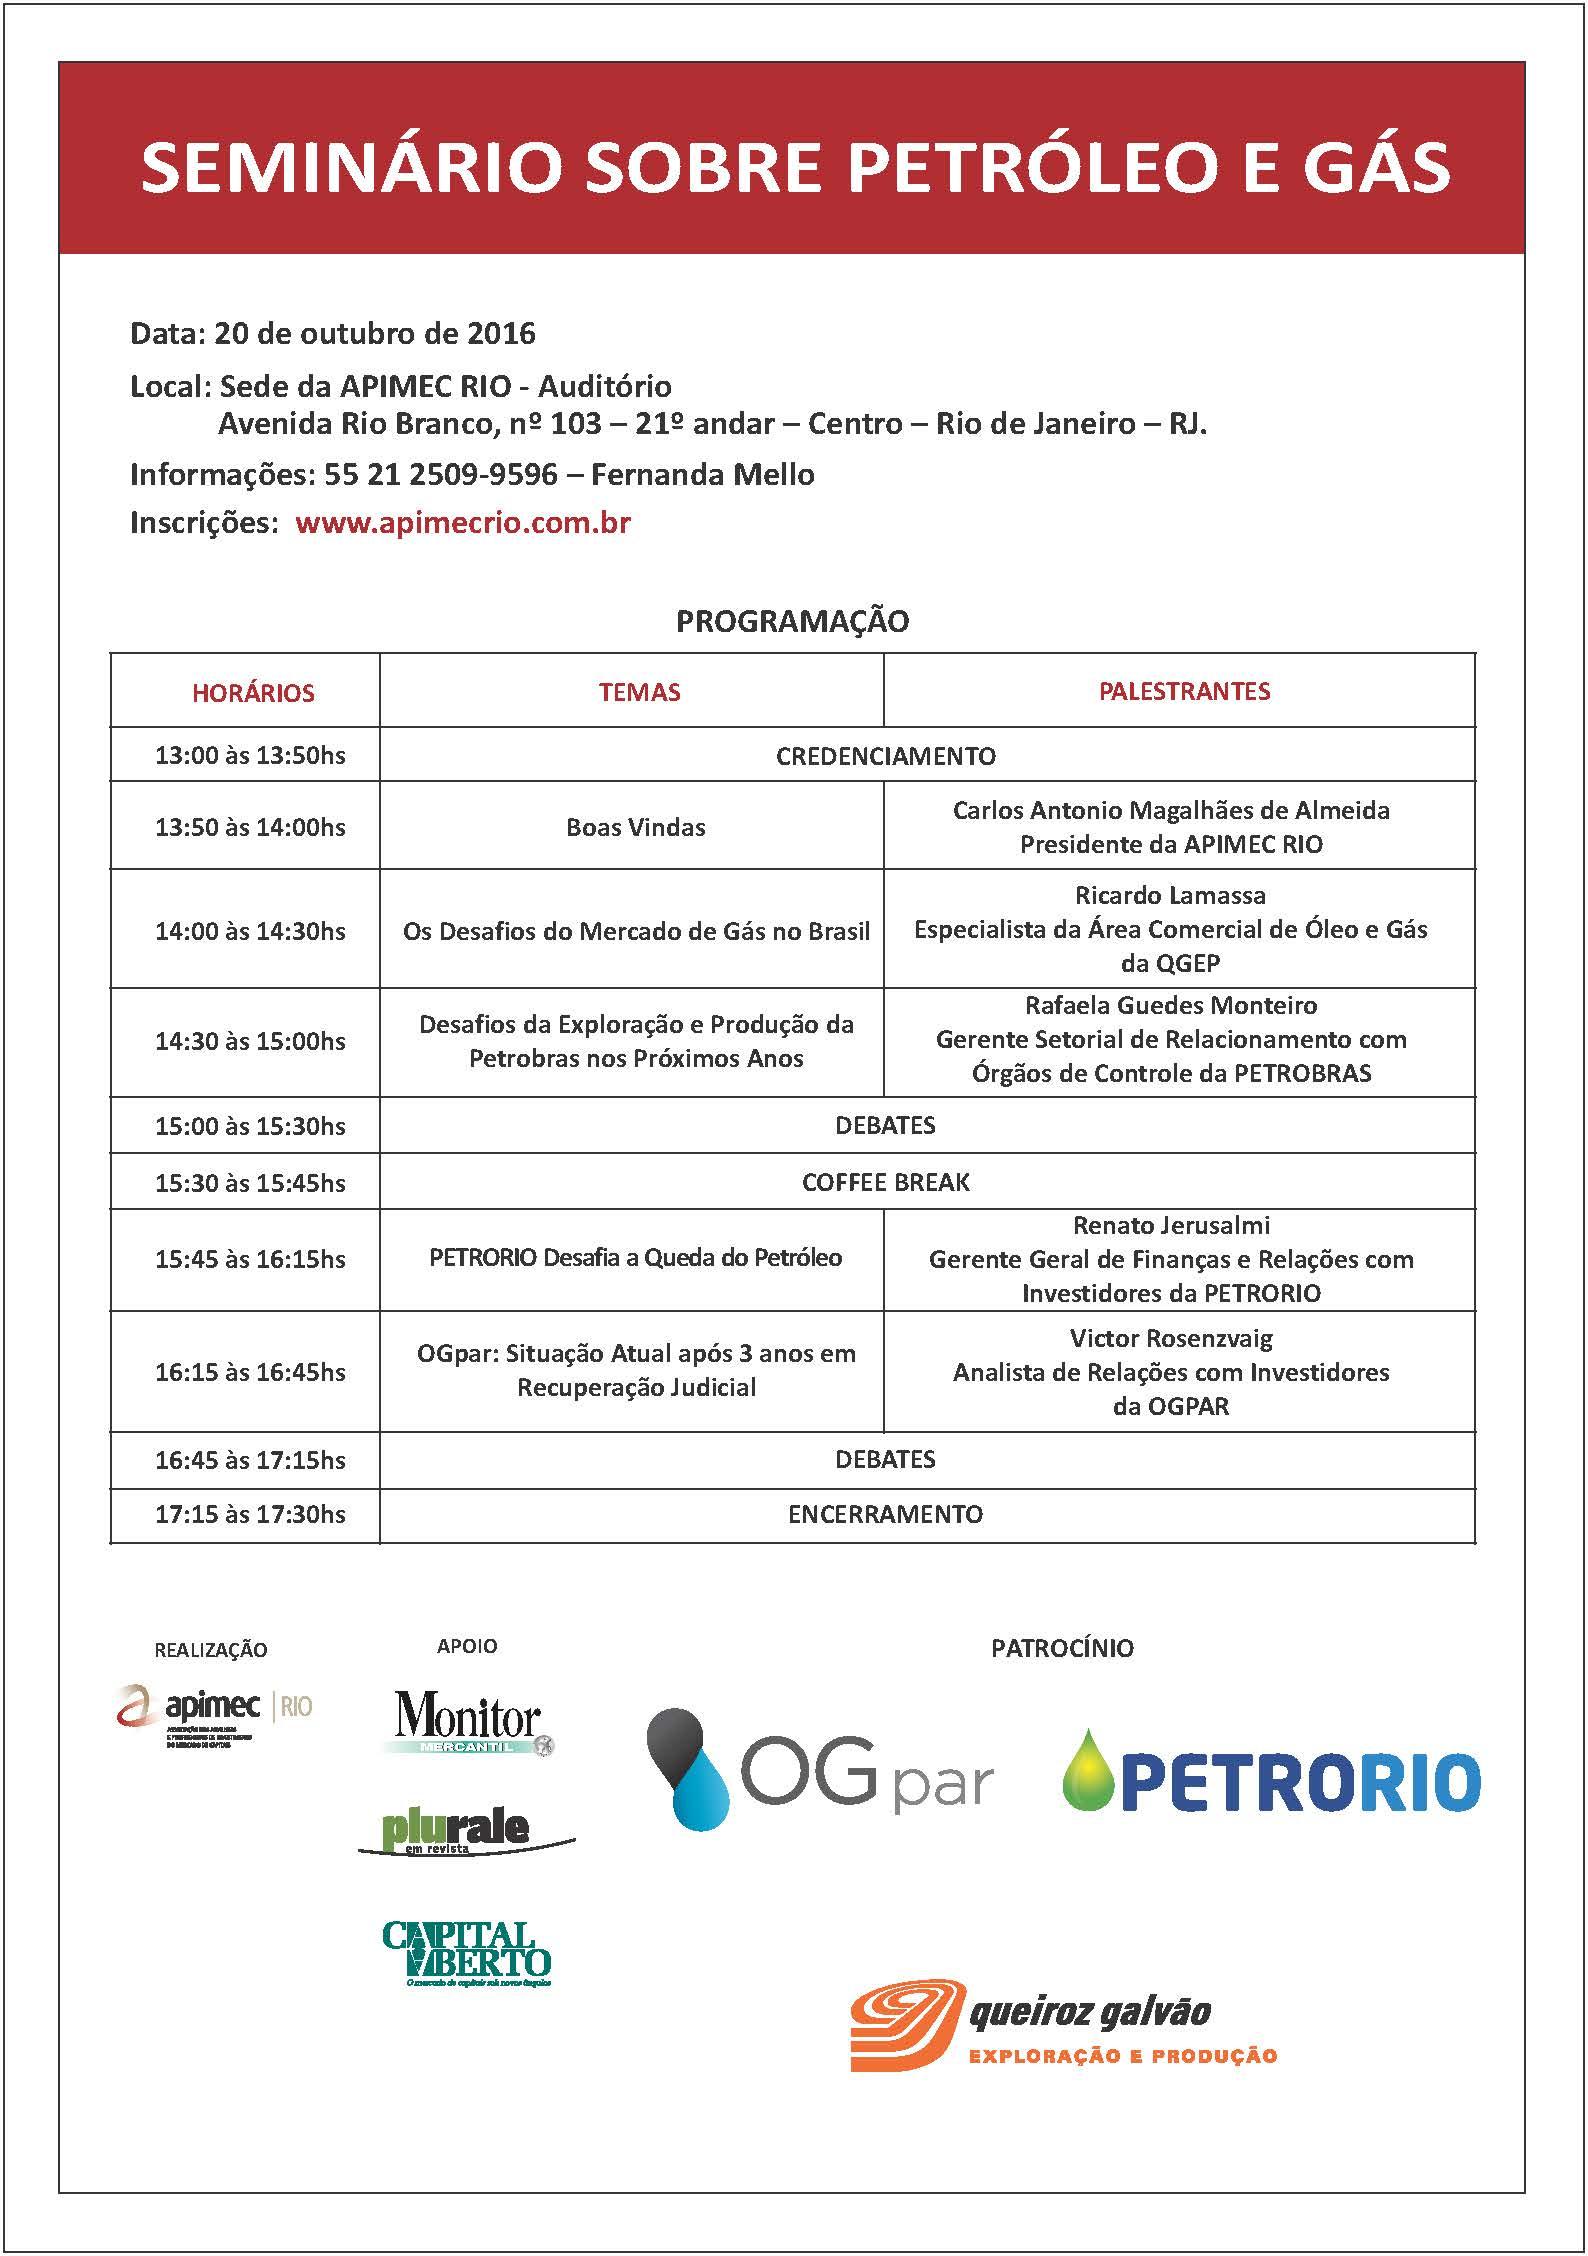 programacao-seminario-sobre-petroleo-e-gas_2016